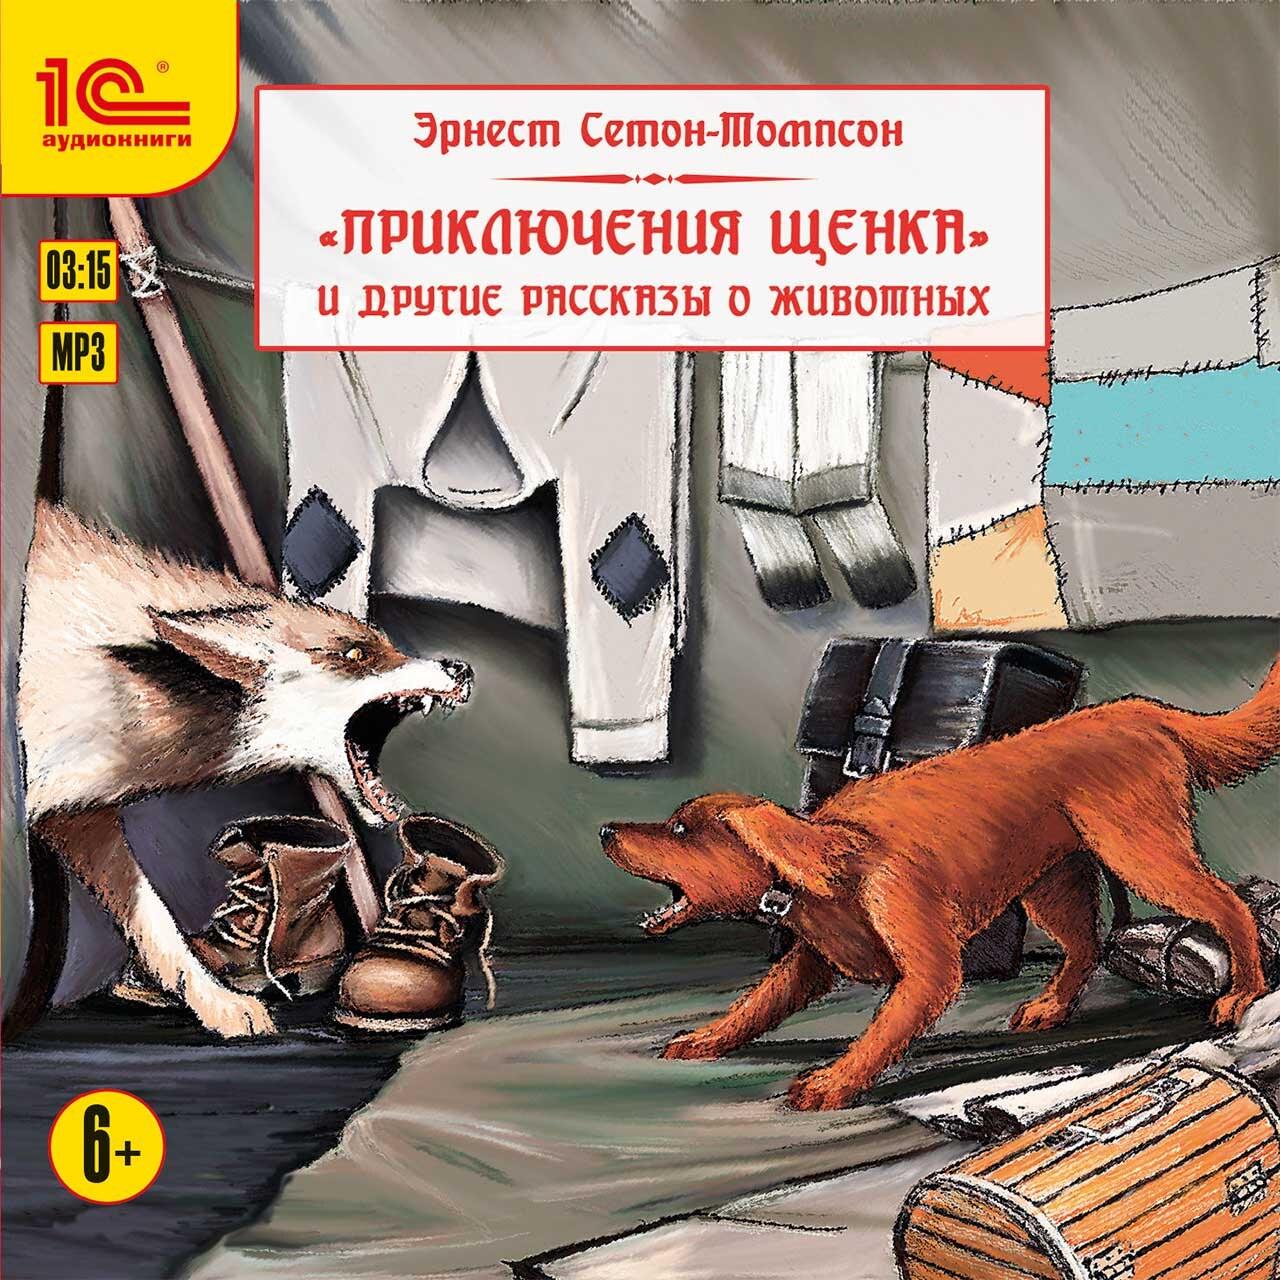 Сетон-Томпсон Эрнест «Приключения щенка» и другие рассказы о животных (цифровая версия) (Цифровая версия)